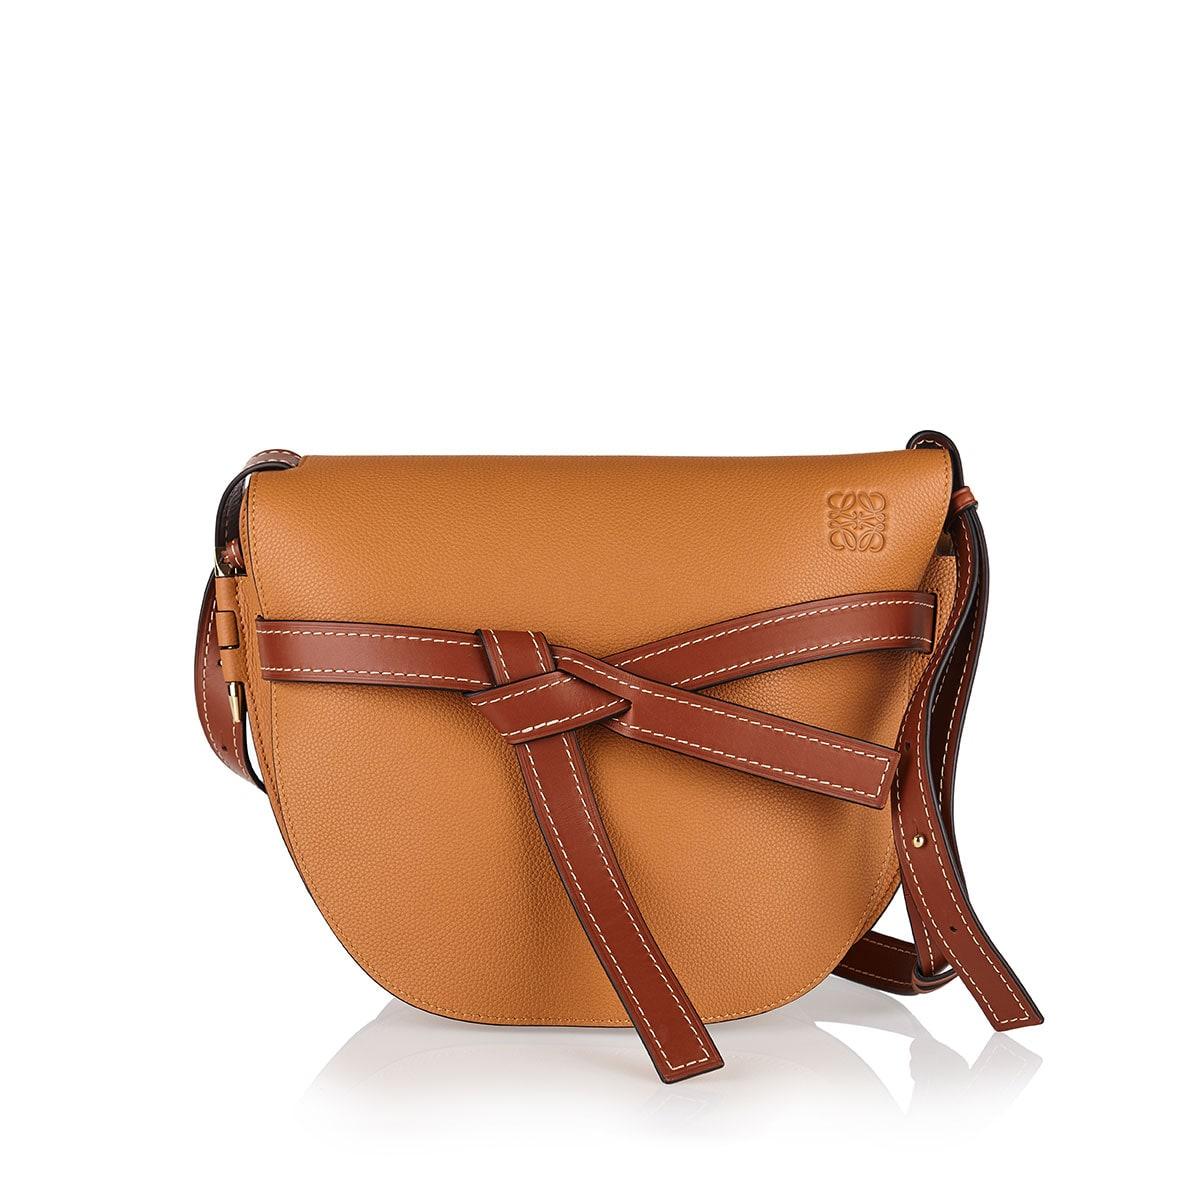 Gate leather shoulder bag